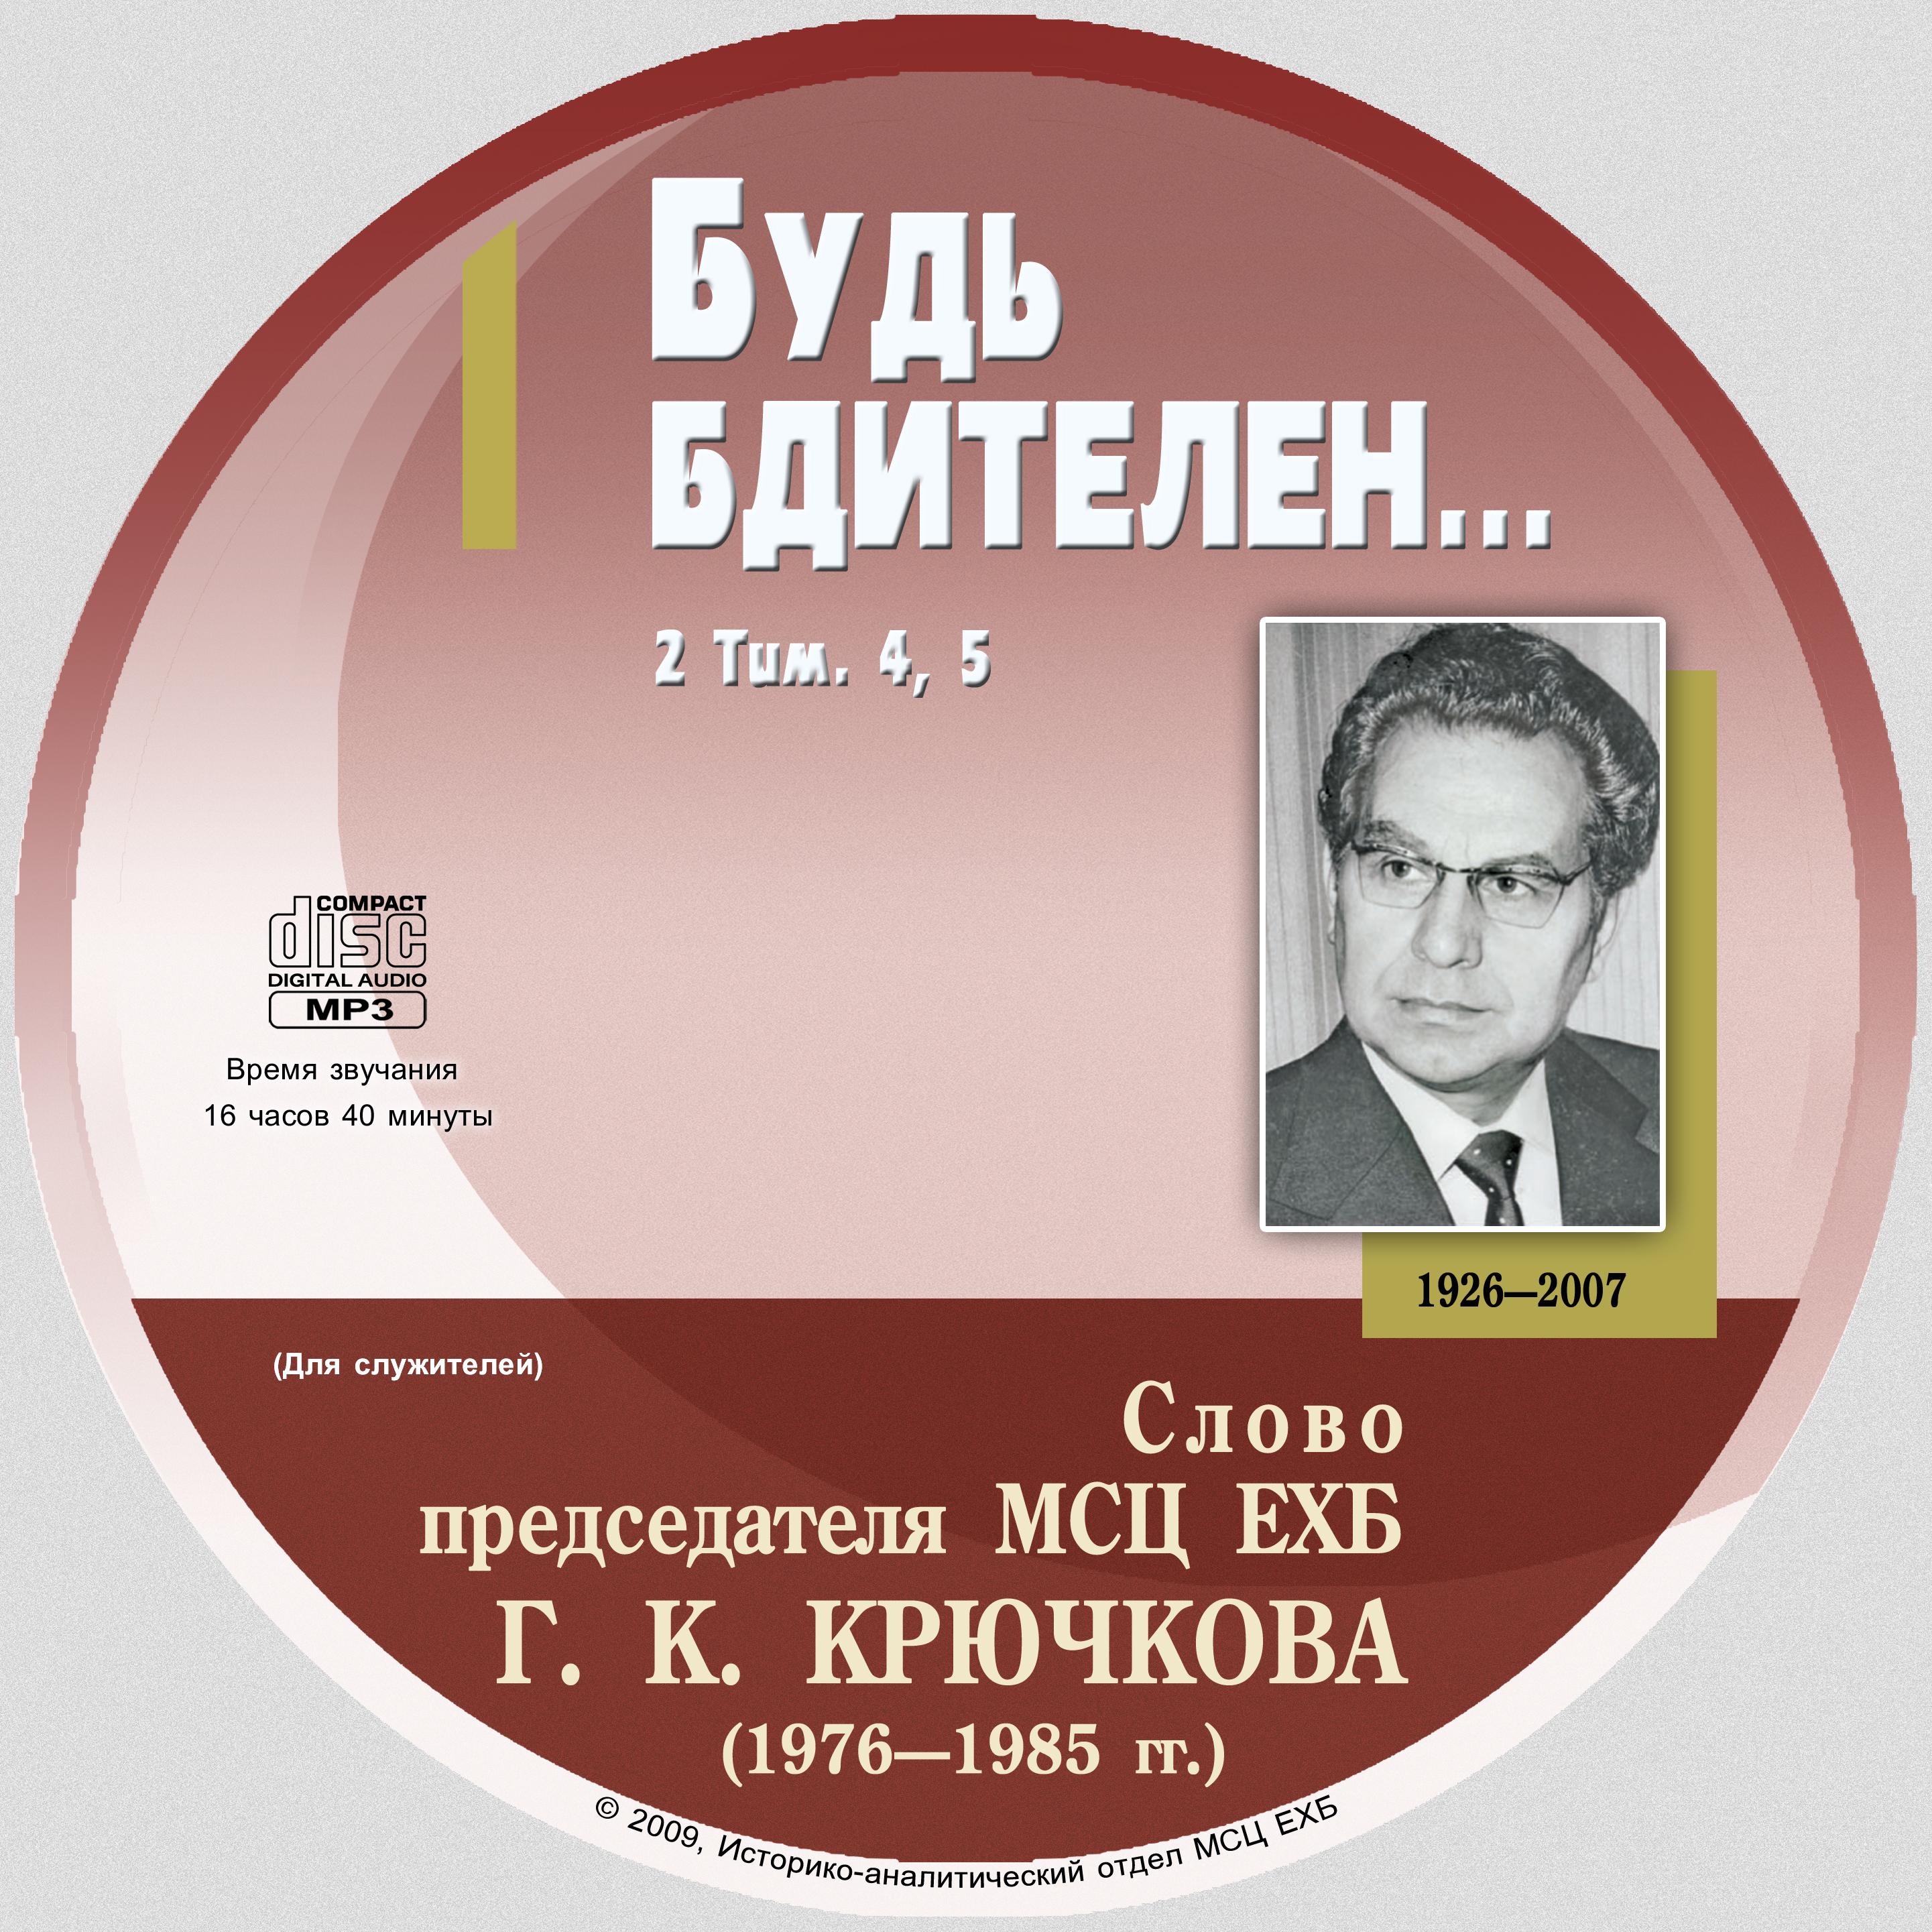 Будь бдителен… Слово председателя МСЦ ЕХБ Г. К. Крючкова (1976-1985 гг.)